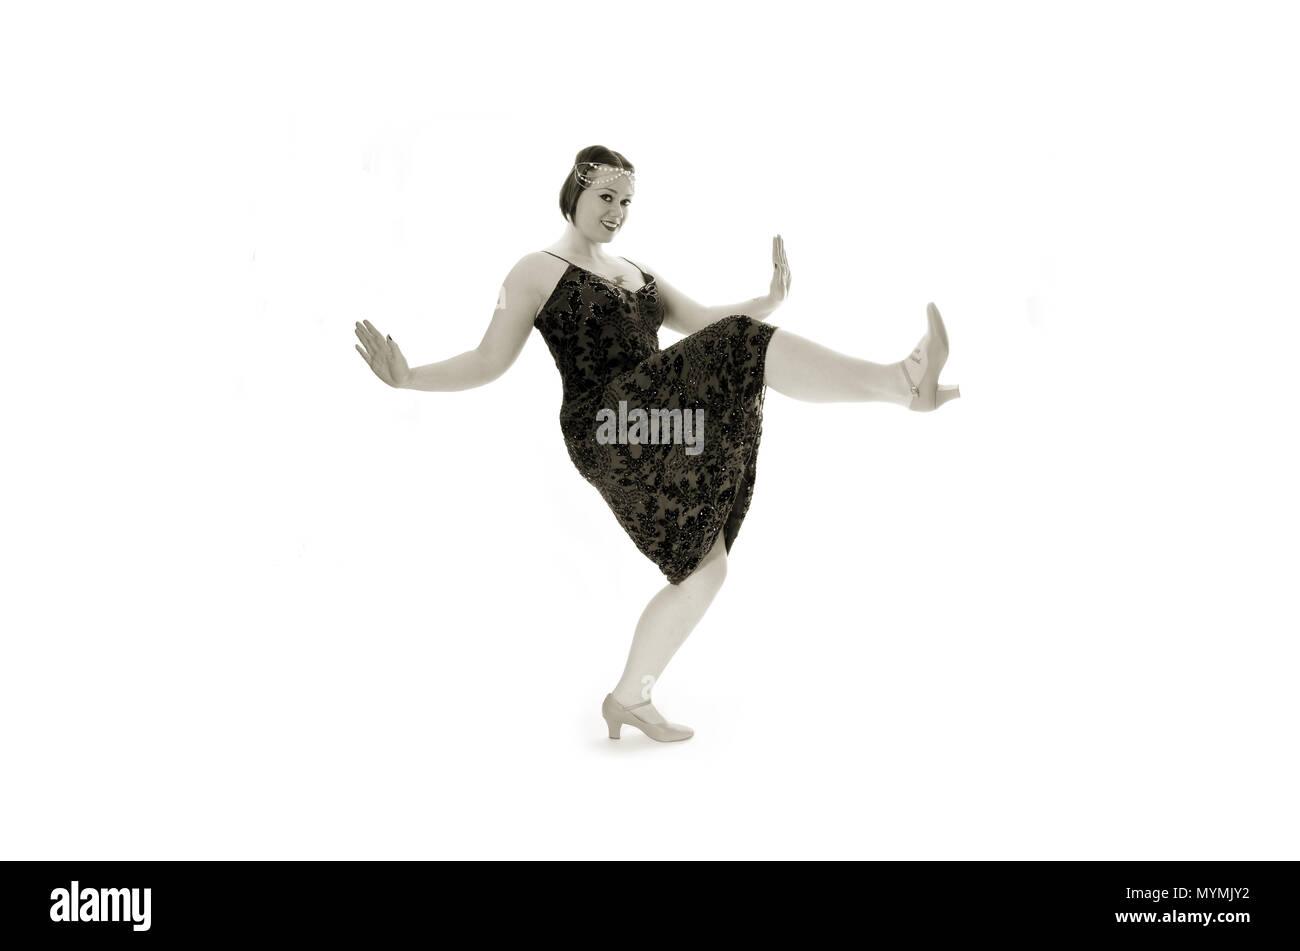 1920s flapper girl - Stock Image